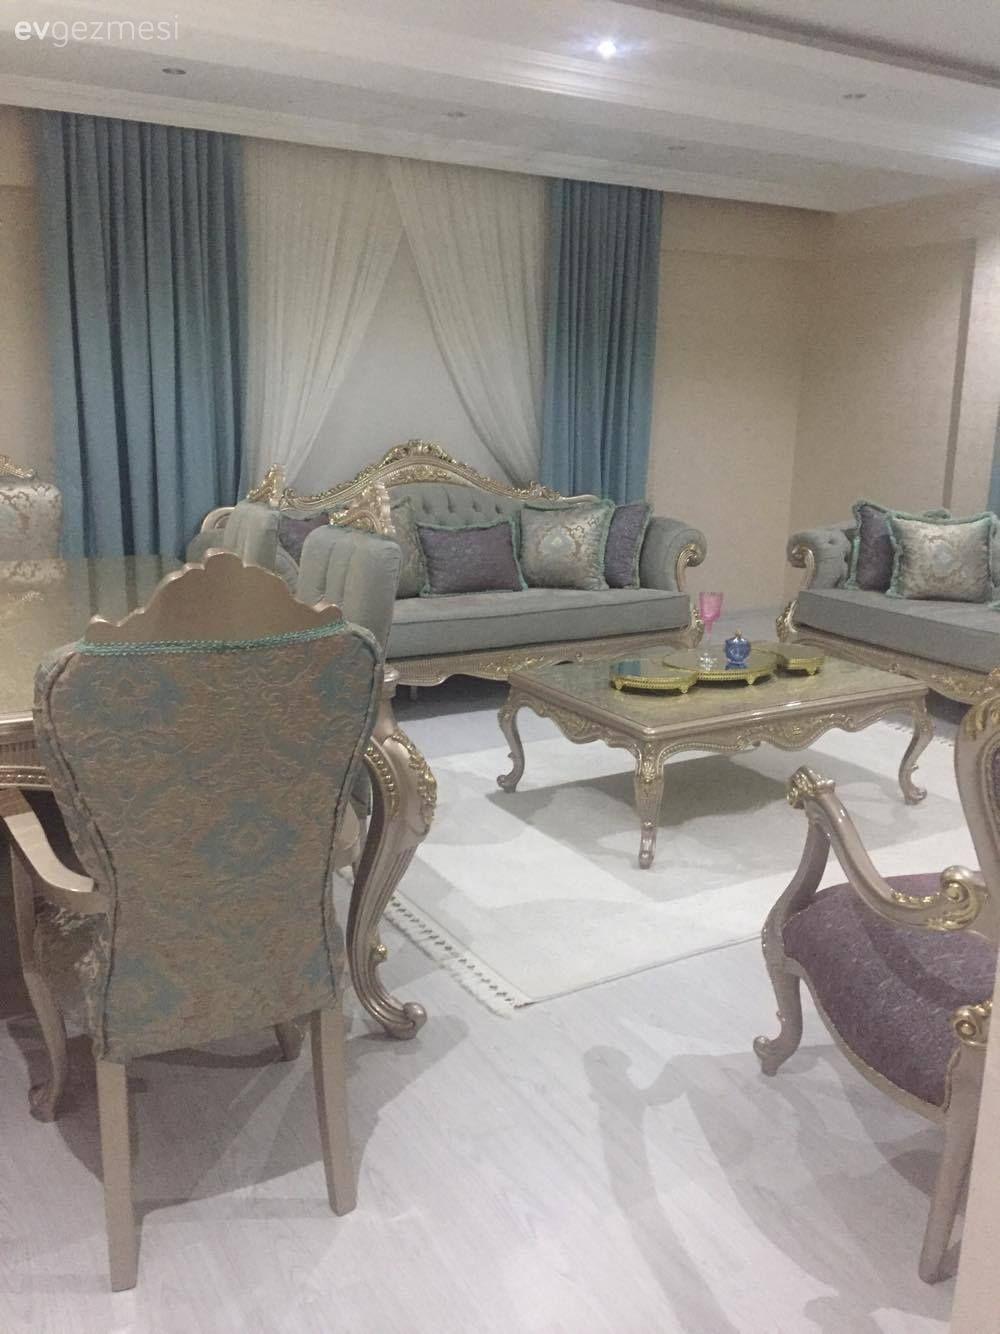 100 Harika Salon Dekorasyonu Salon Takimlari Modeller Ve Fikirler Ev Gezmesi Oturma Odasi Tasarimlari Mobilya Oturma Odasi Takimlari